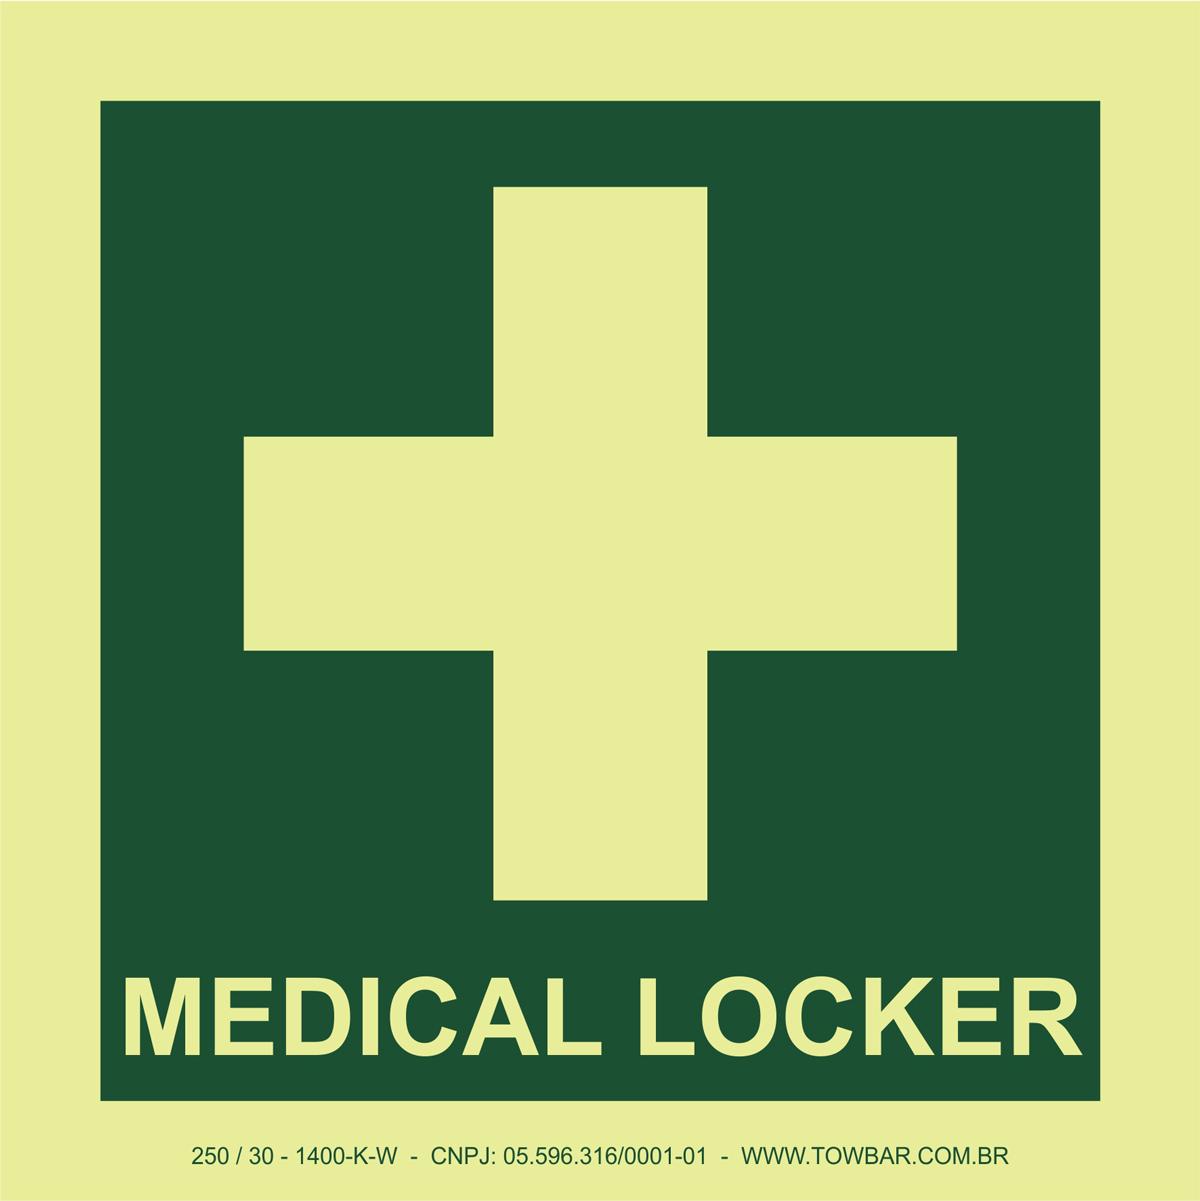 Medical Locker  - Towbar Sinalização de Segurança